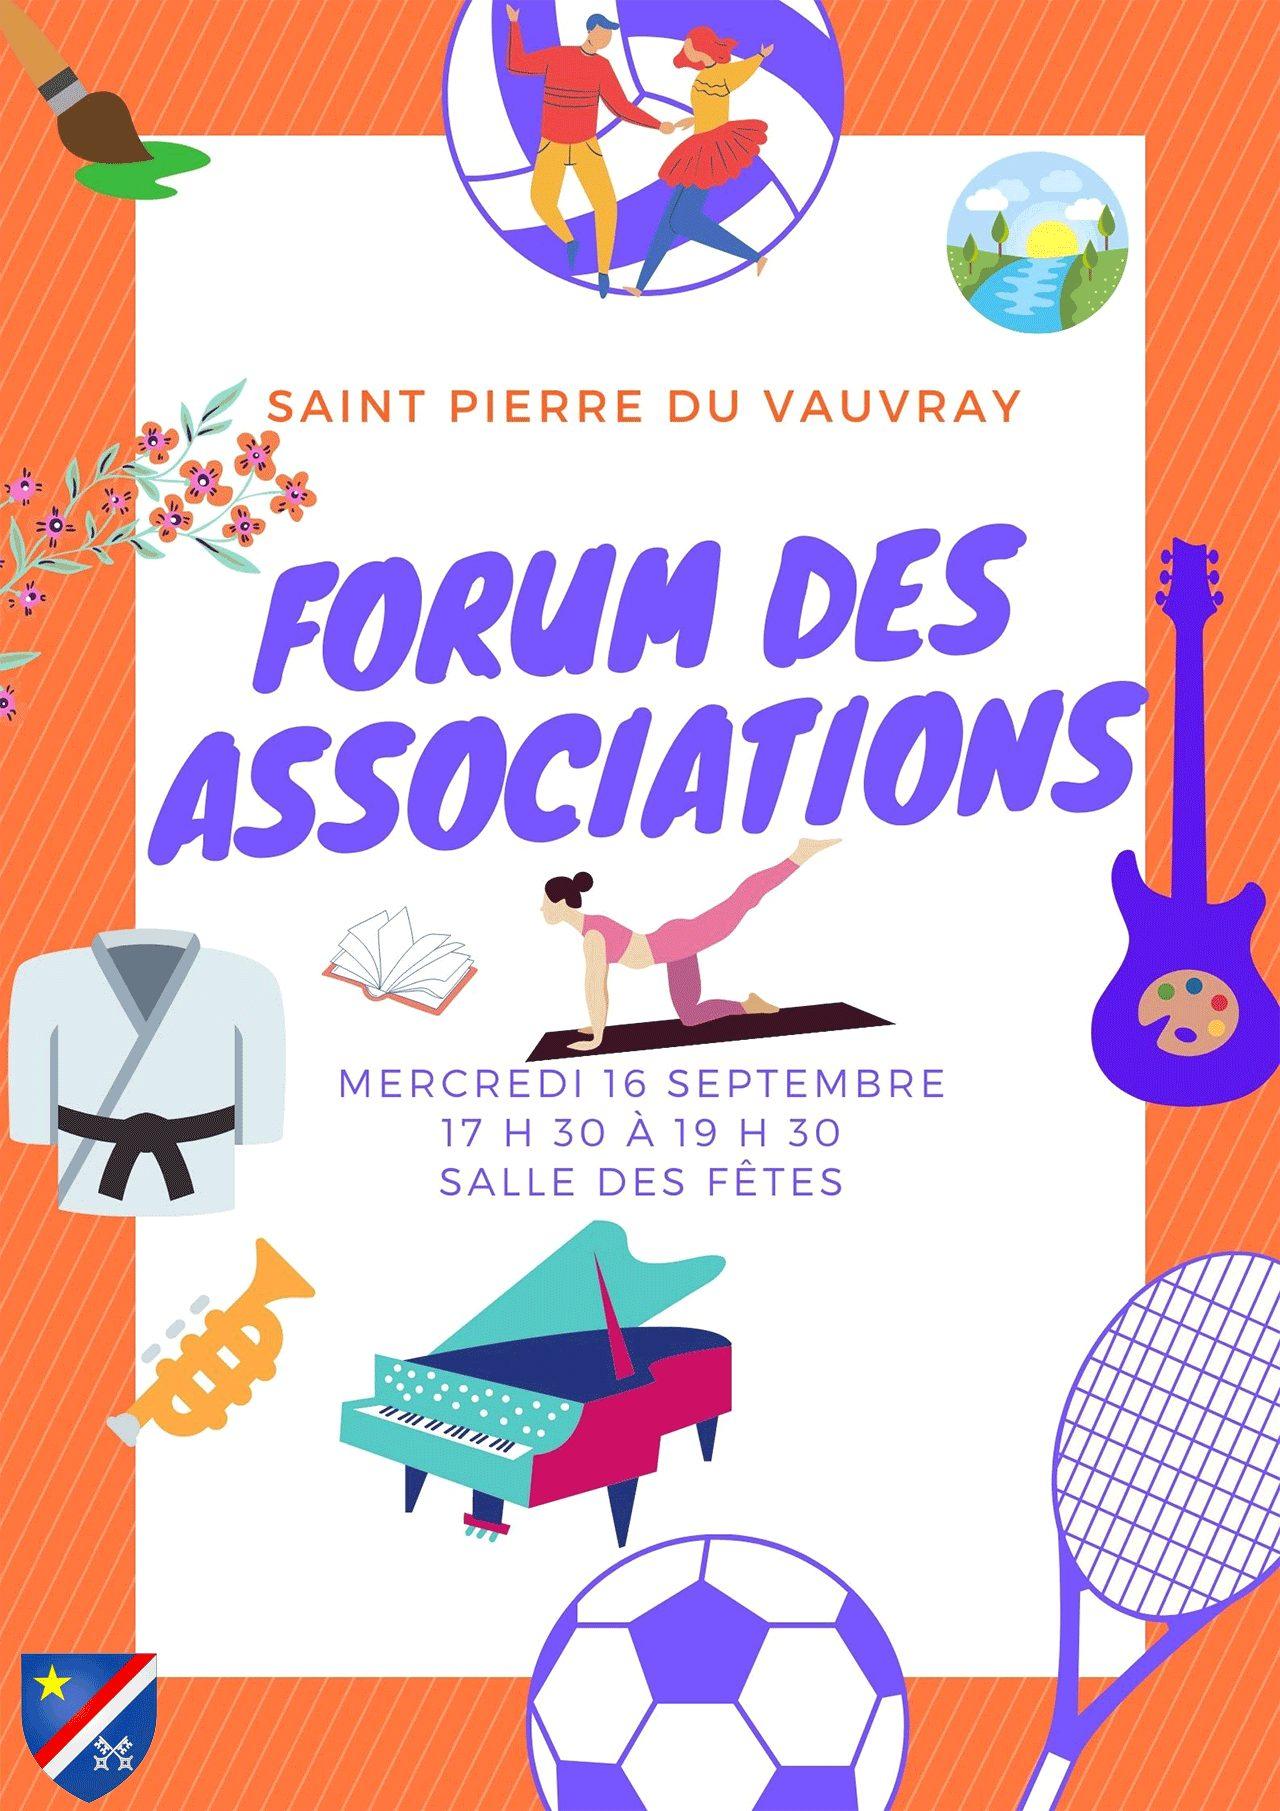 forum des associations 16 septembre 2020